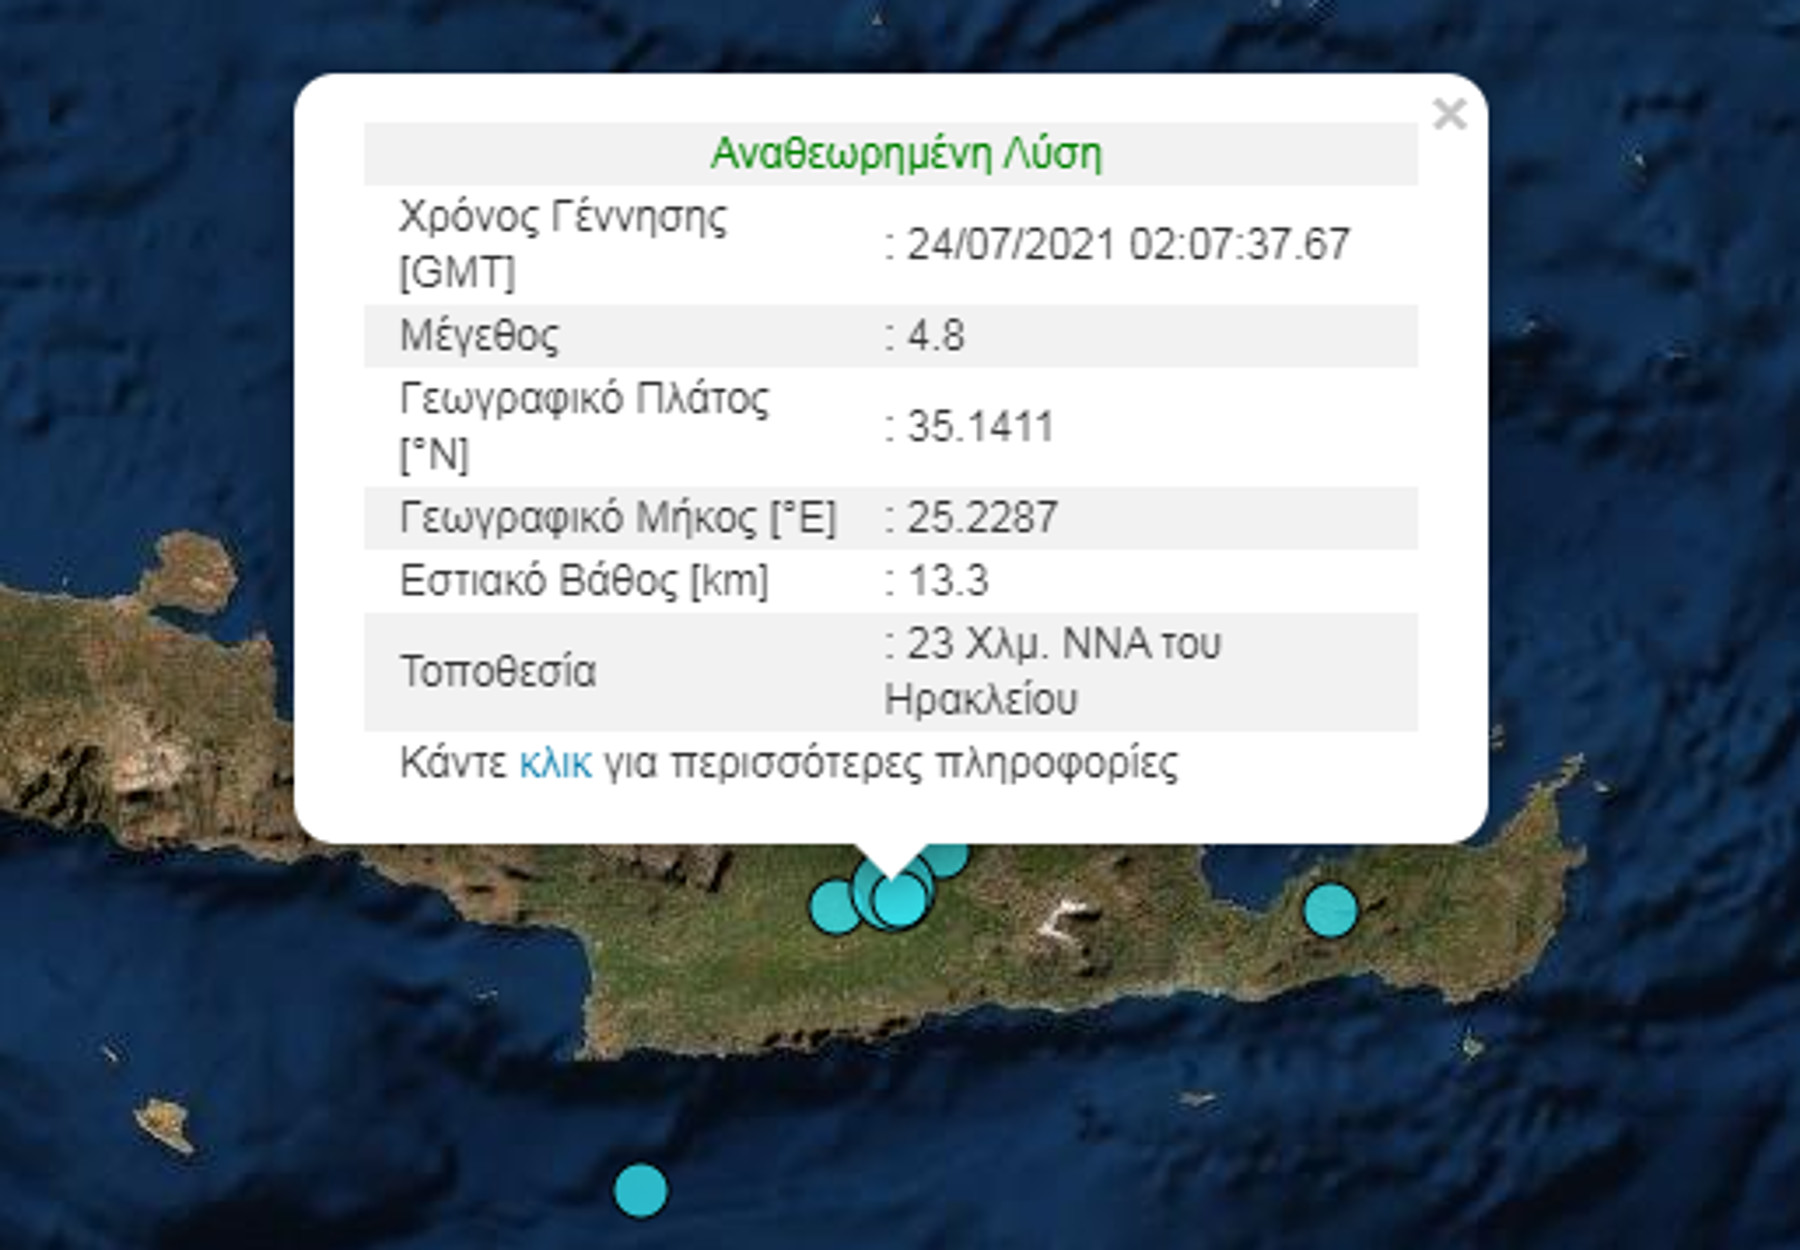 Σεισμός 4,8 Ρίχτερ στην Κρήτη! Απανωτοί μετασεισμοί μέχρι και 3,5 Ρίχτερ